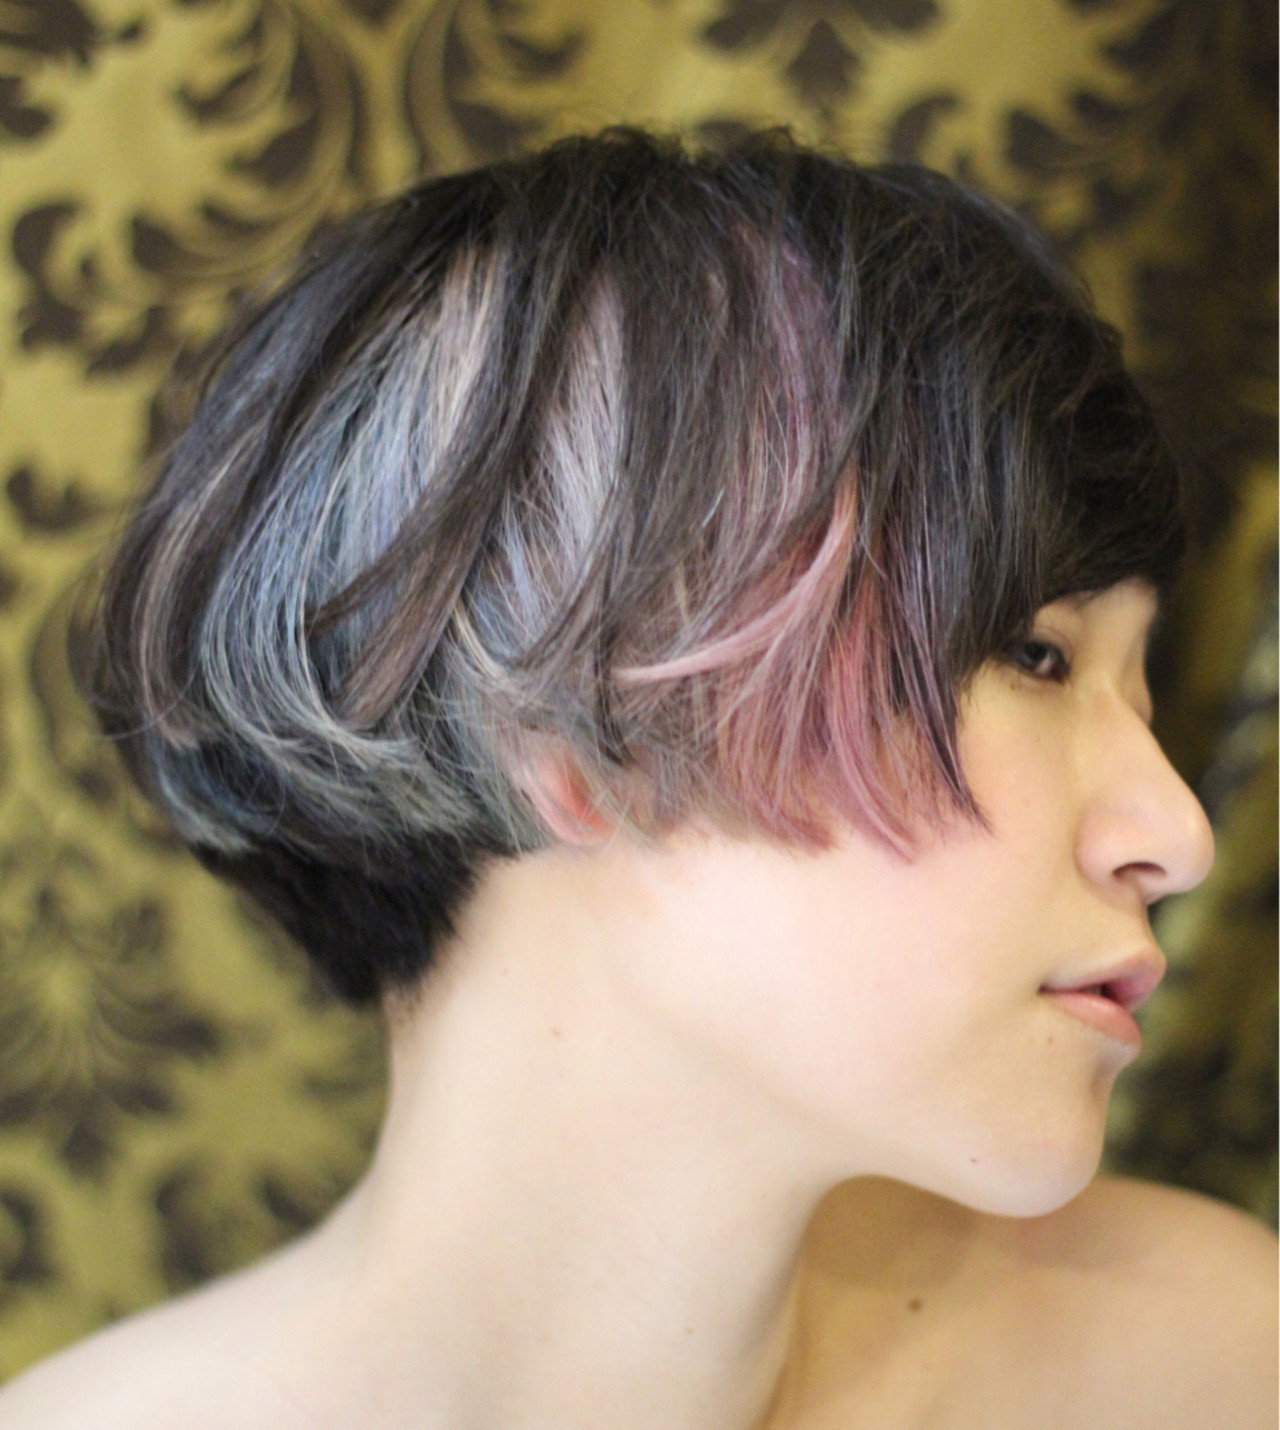 モード ボブ グラデーションカラー 色気 ヘアスタイルや髪型の写真・画像